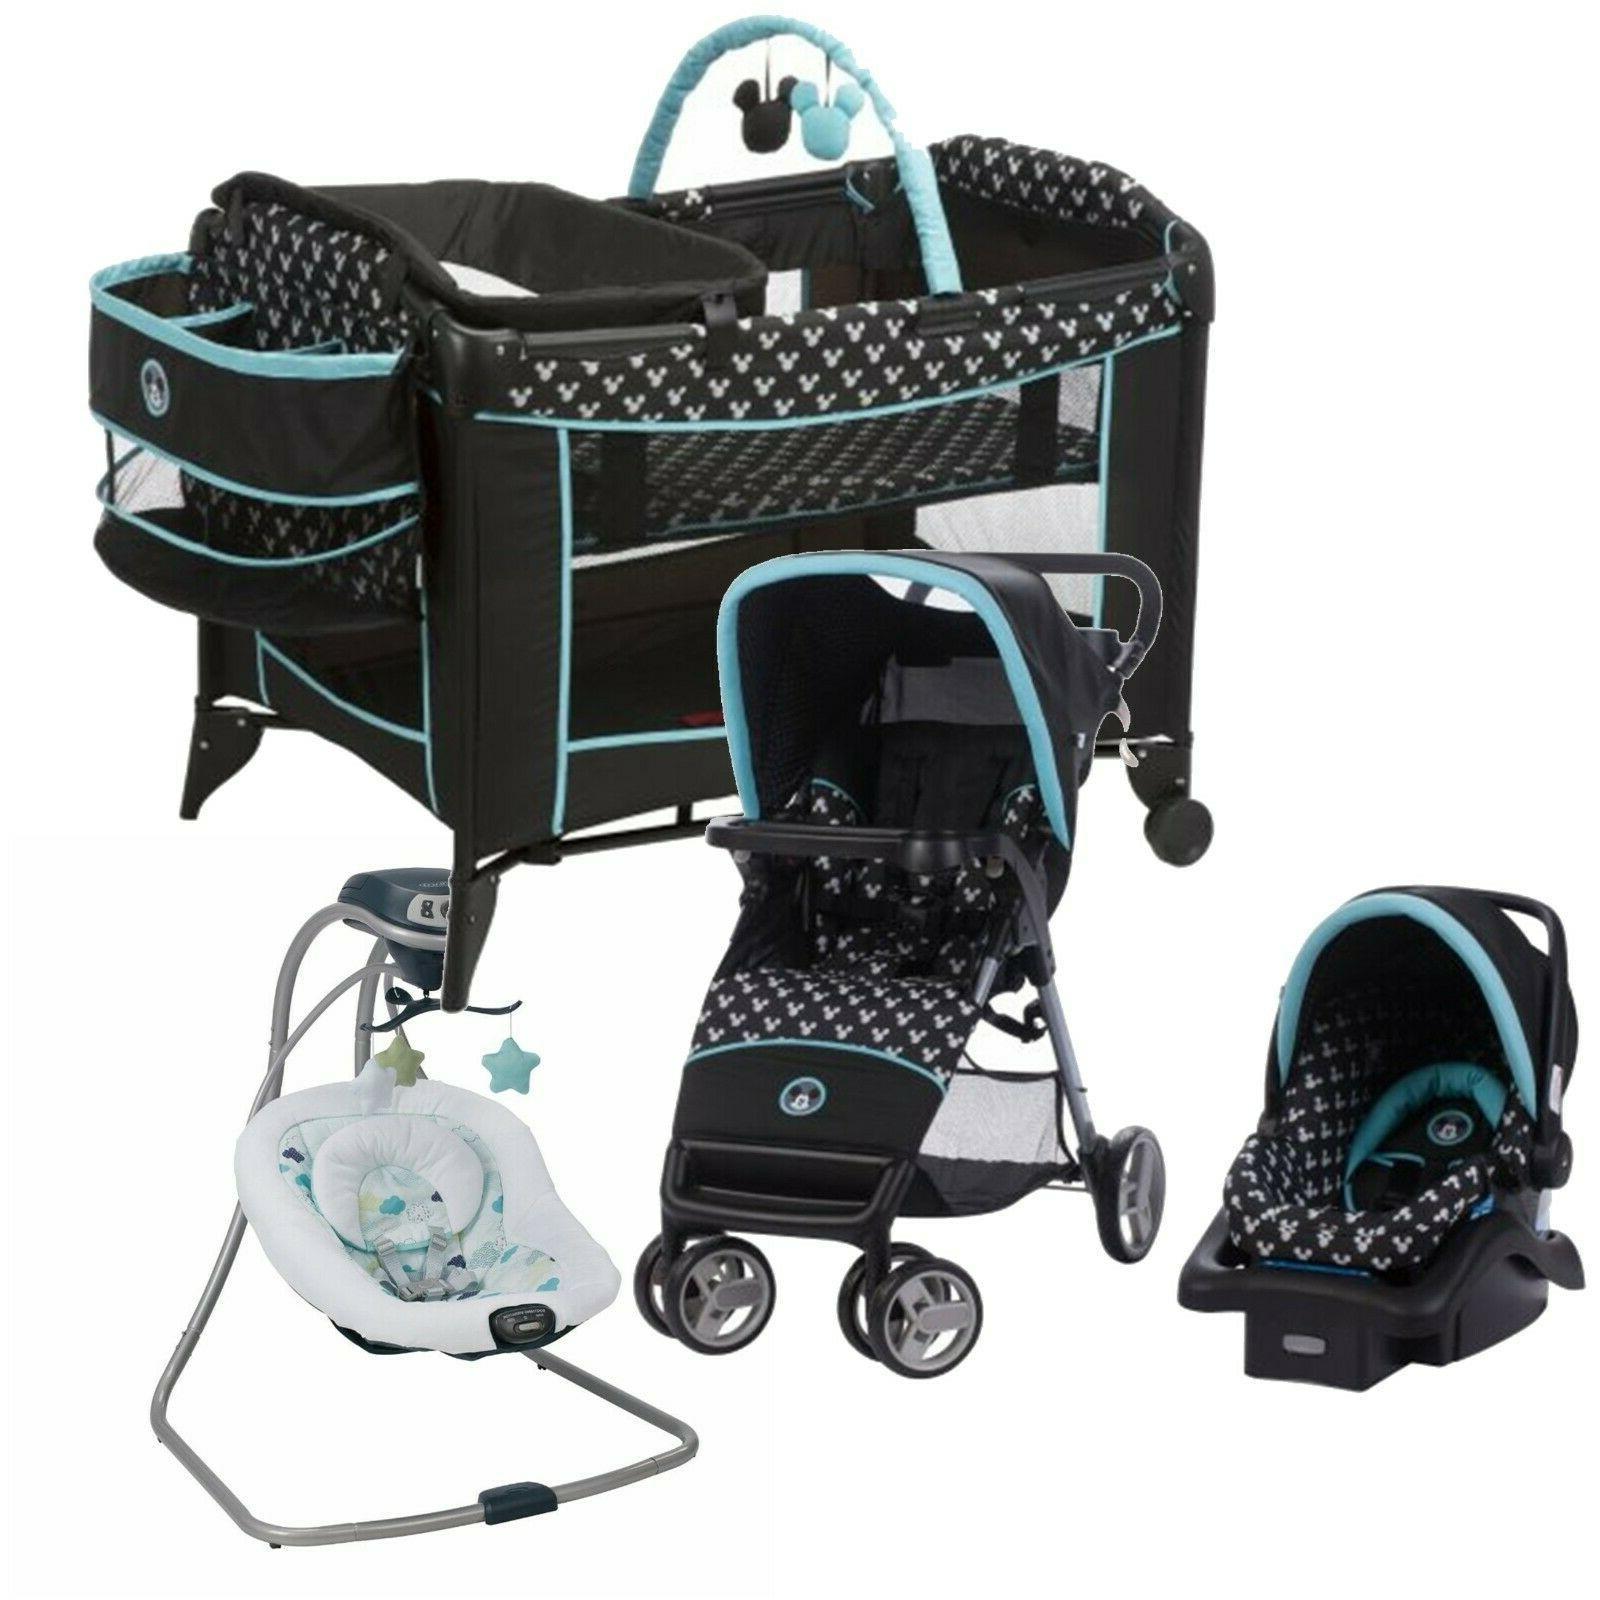 Disney Baby Car Seat Travel Diaper Bag Combo